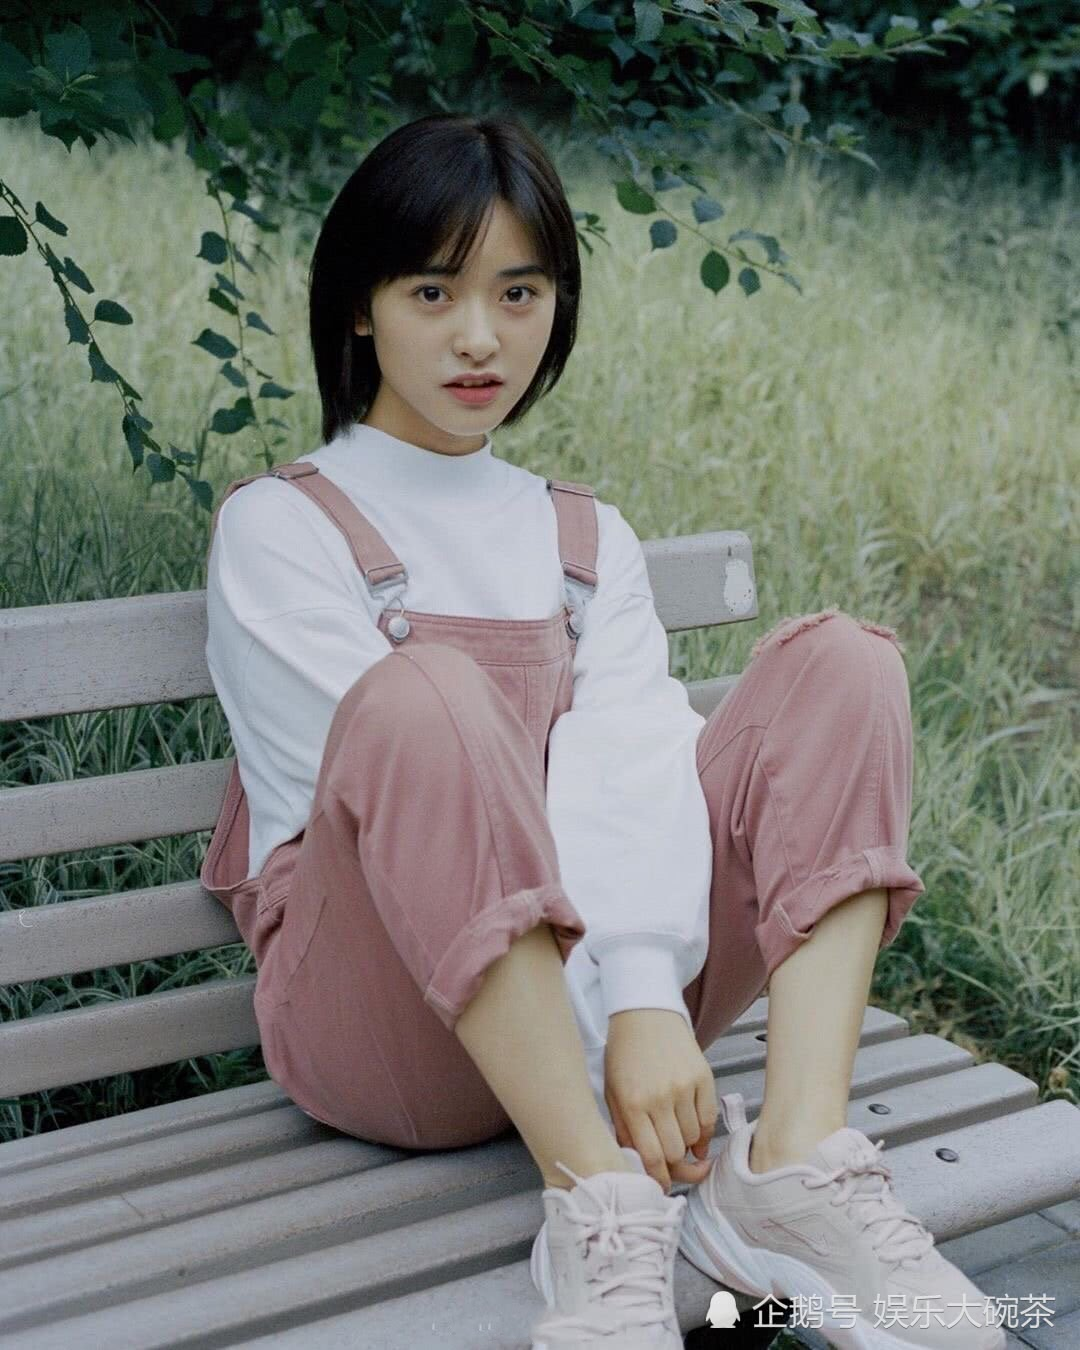 沈月夏日写真美照清新甜美又可爱,有一种邻家女孩的既视感